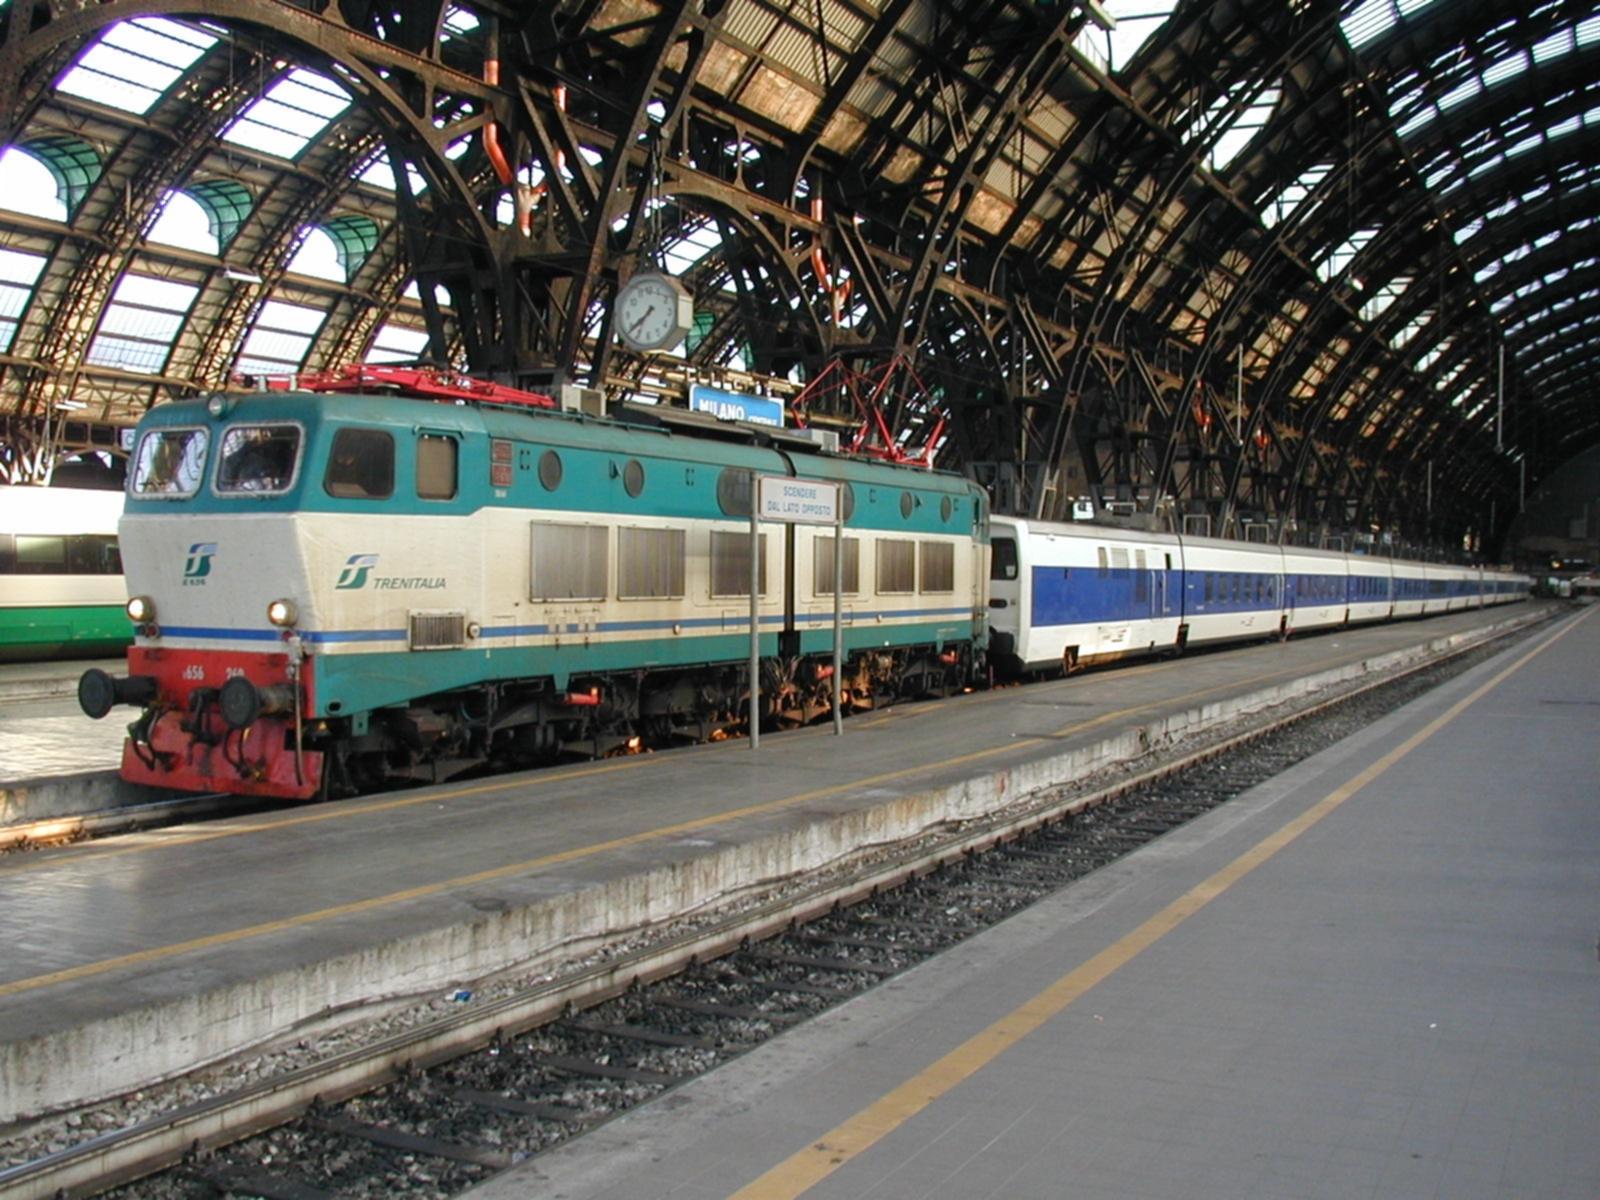 Trenhotel Wikipedia